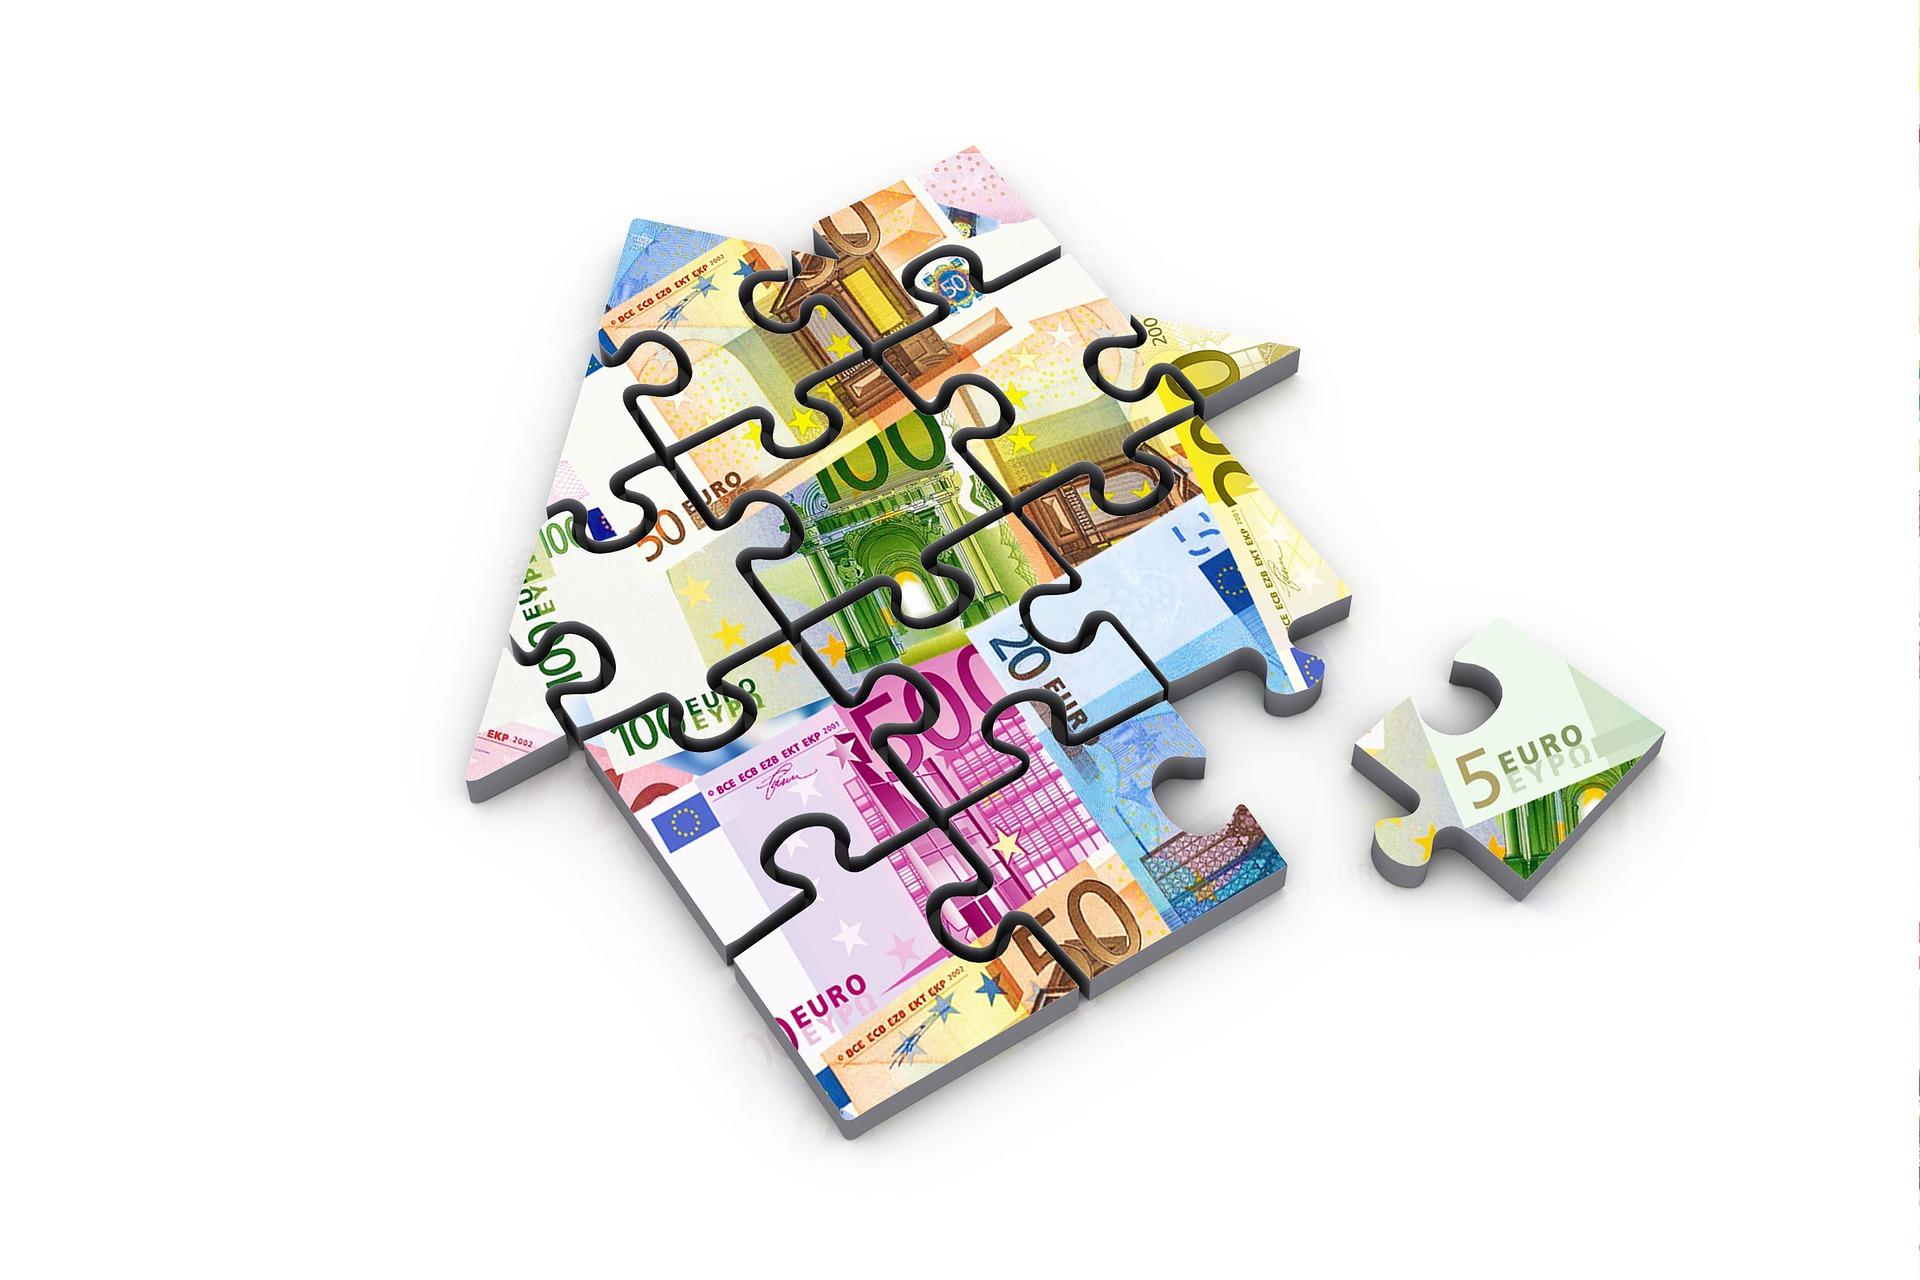 Y a t'il une obligation à souscrire une assurance de prêt immobilier ?